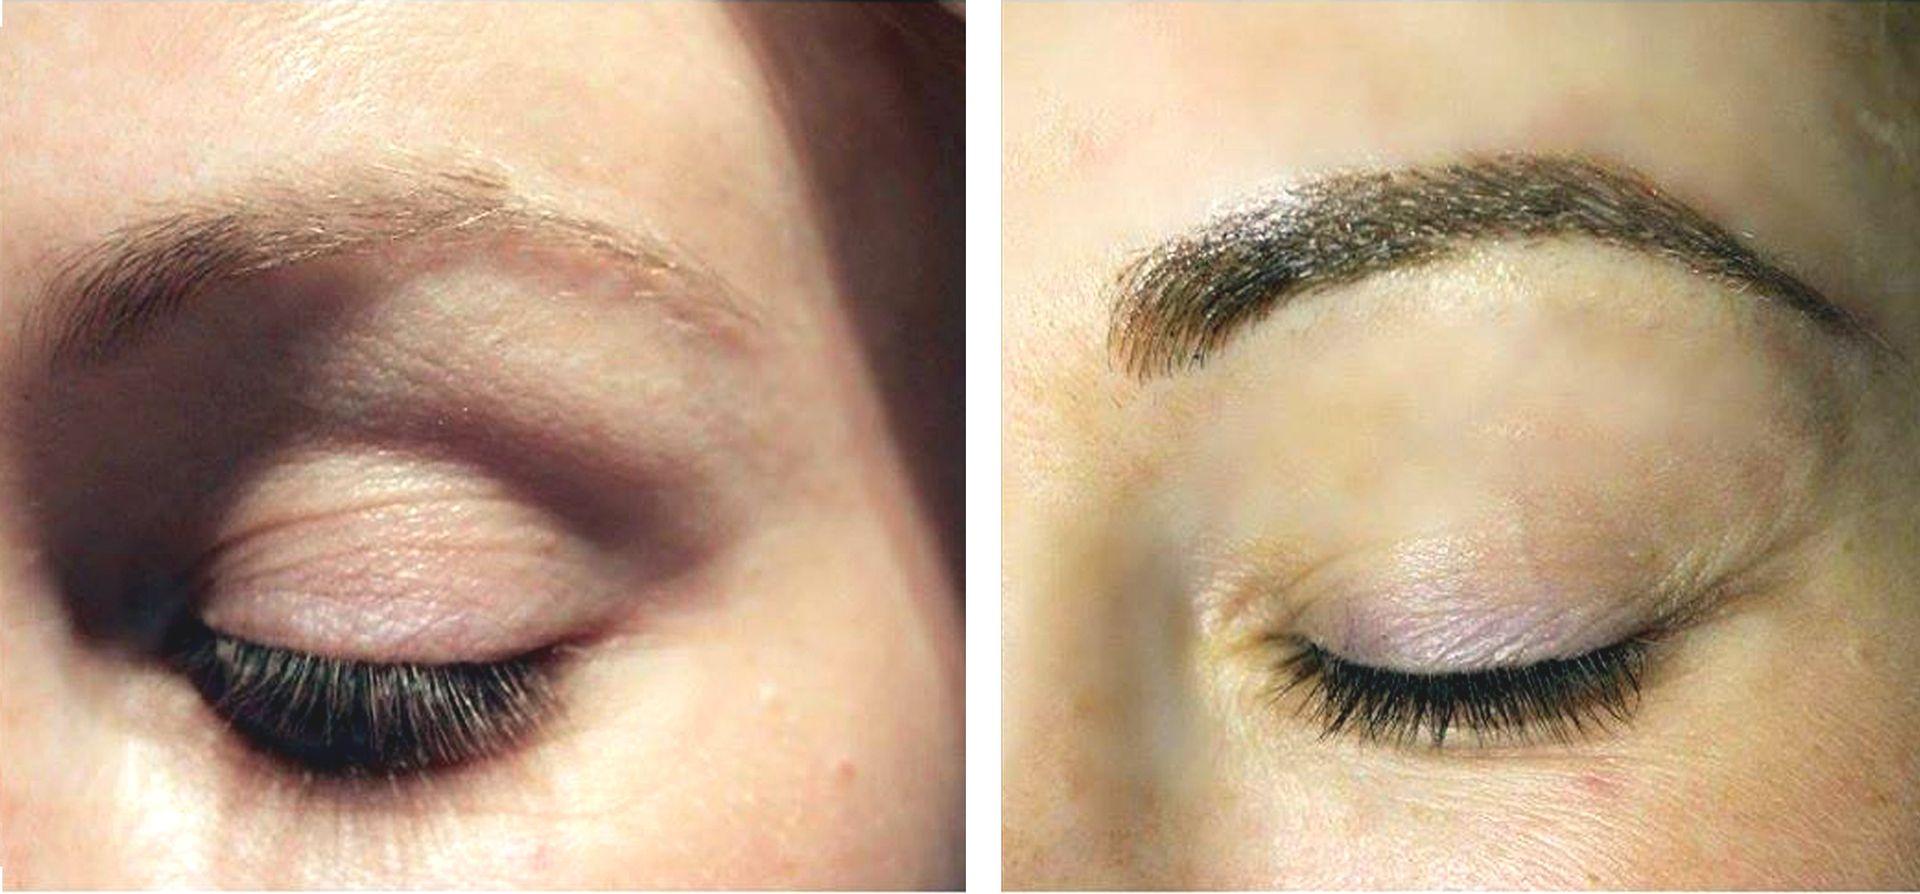 Miamibrows Eyebrow Embroidery In Miami 3d Hairstrokes